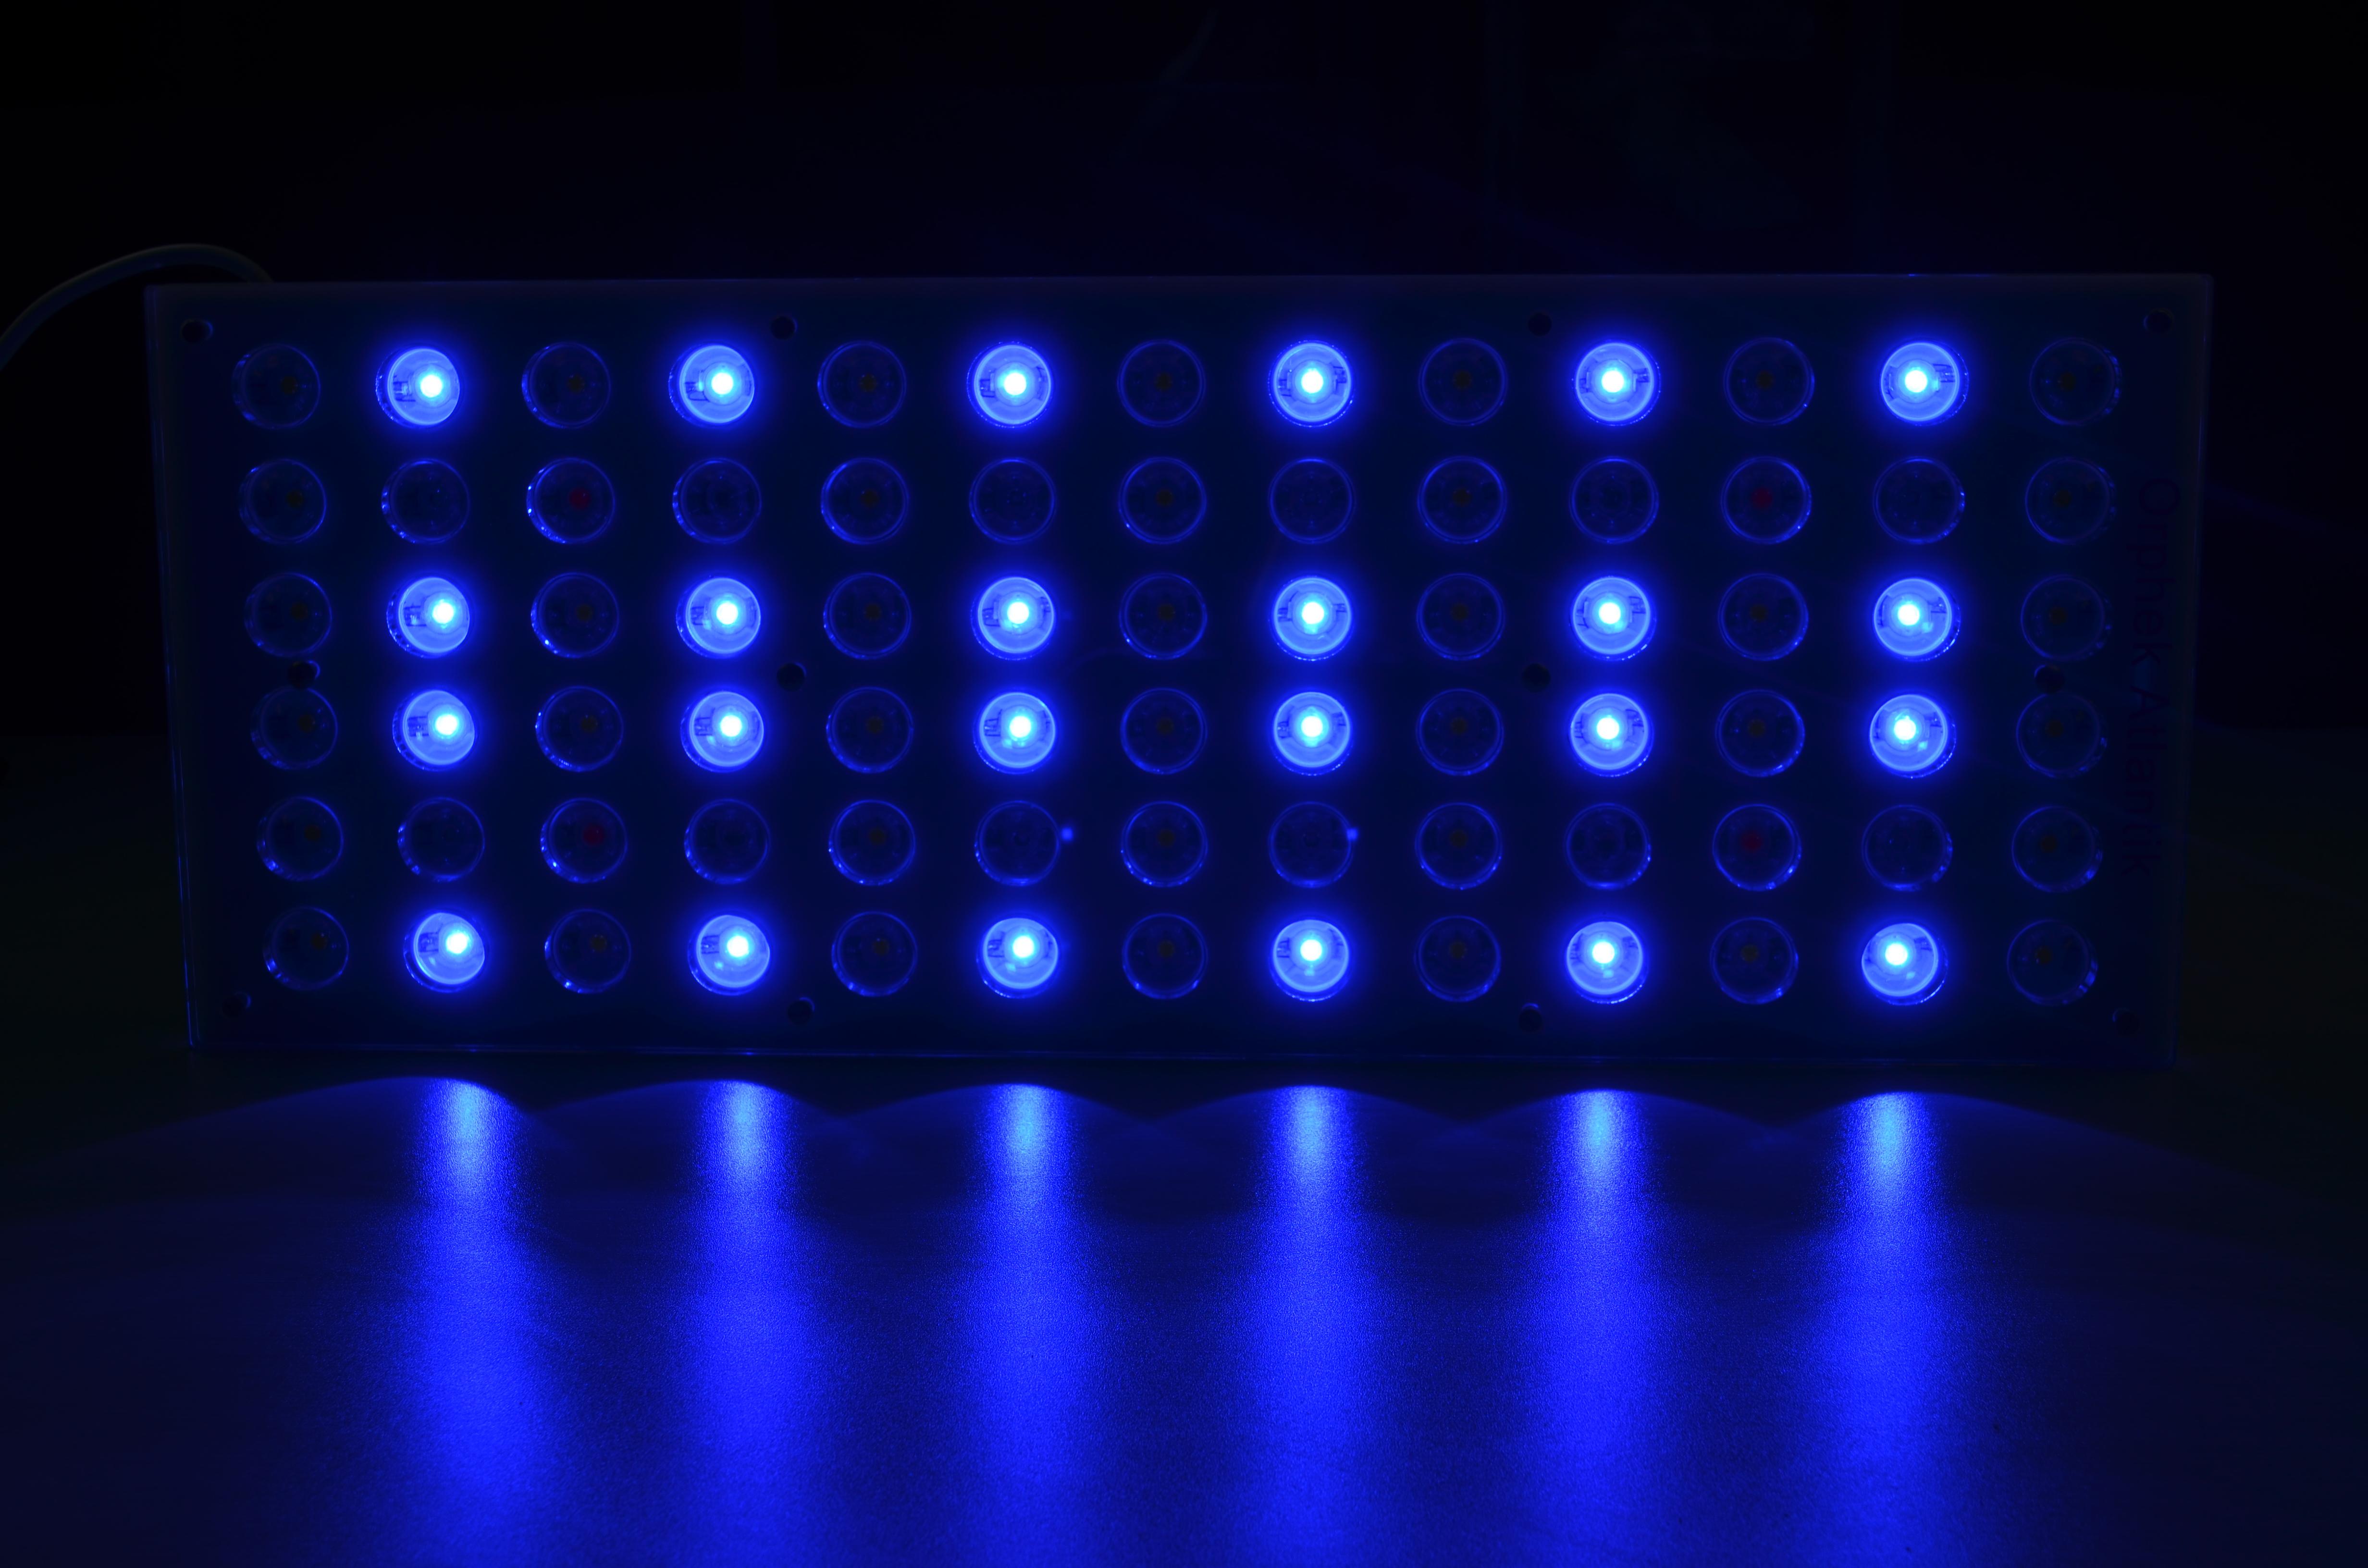 acquario di illuminazione a led orphek dell 39 acquario di illuminazione a led. Black Bedroom Furniture Sets. Home Design Ideas